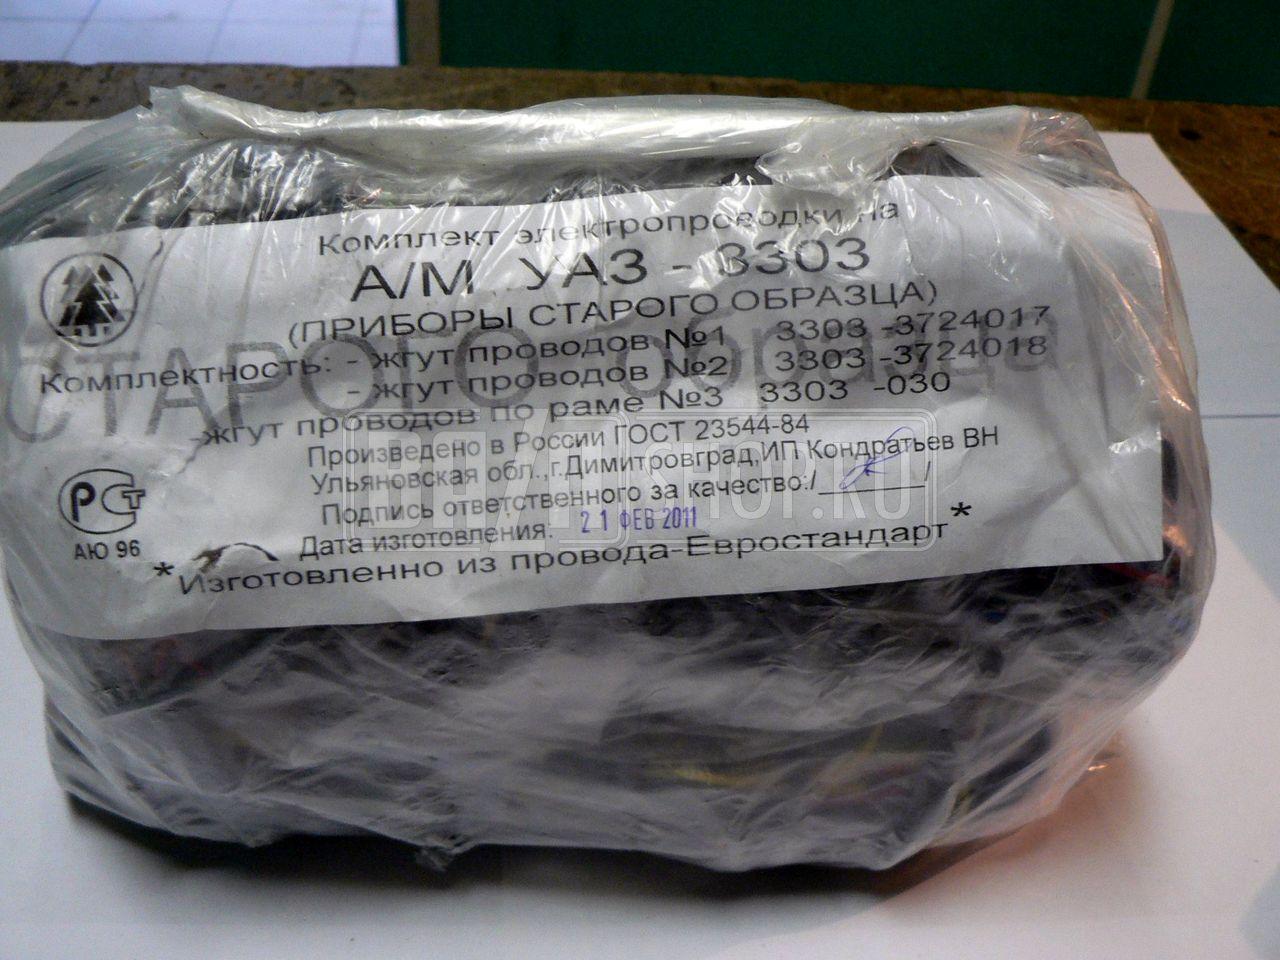 Проводка УАЗ 3303 в сборе (под приборы старого образца) / 3303-37...